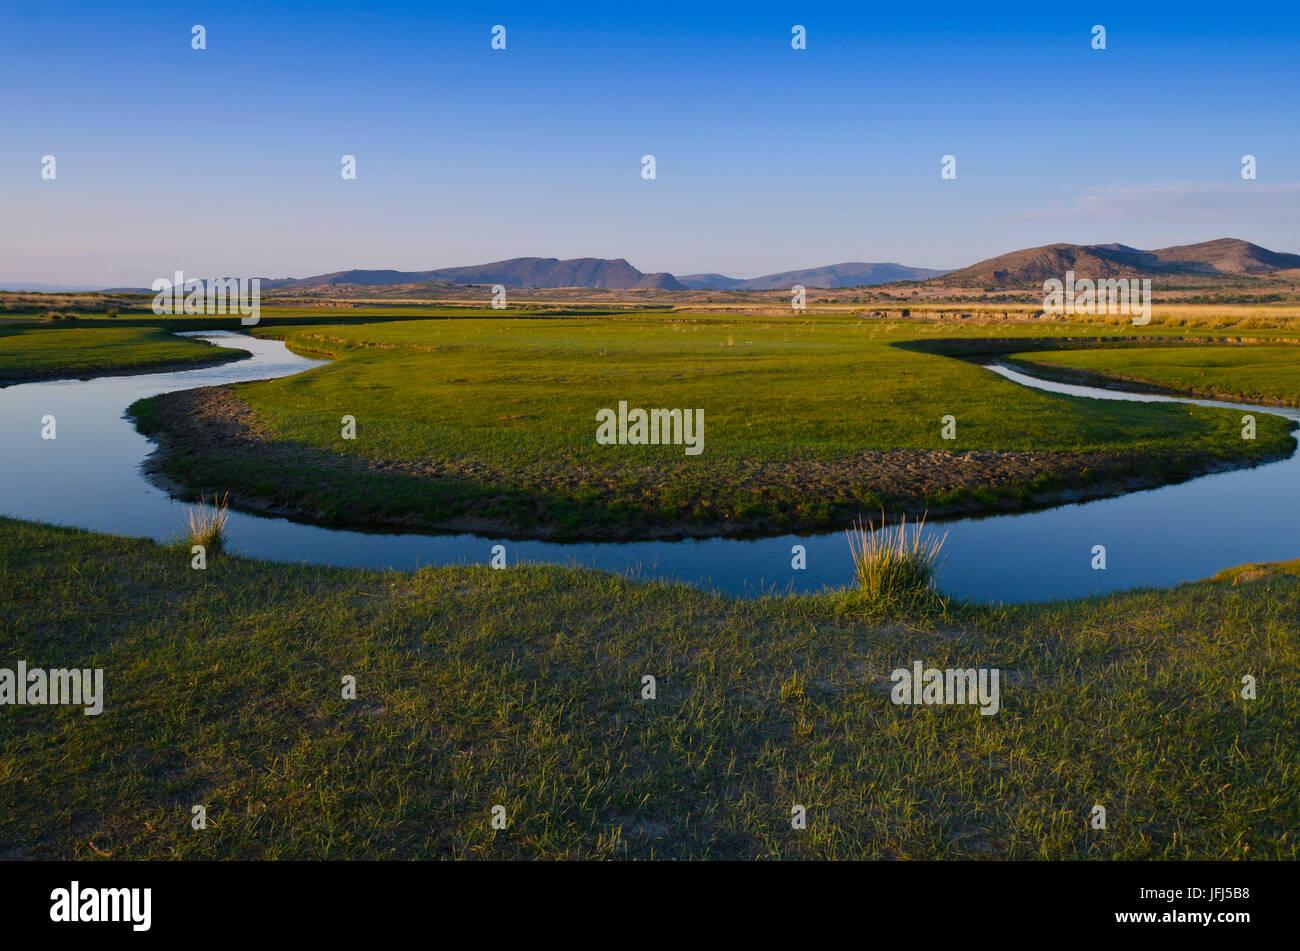 Mongolei, Zentralasien, Camp in der Steppe Landschaft des Gurvanbulag, Flussbiegung Stockbild